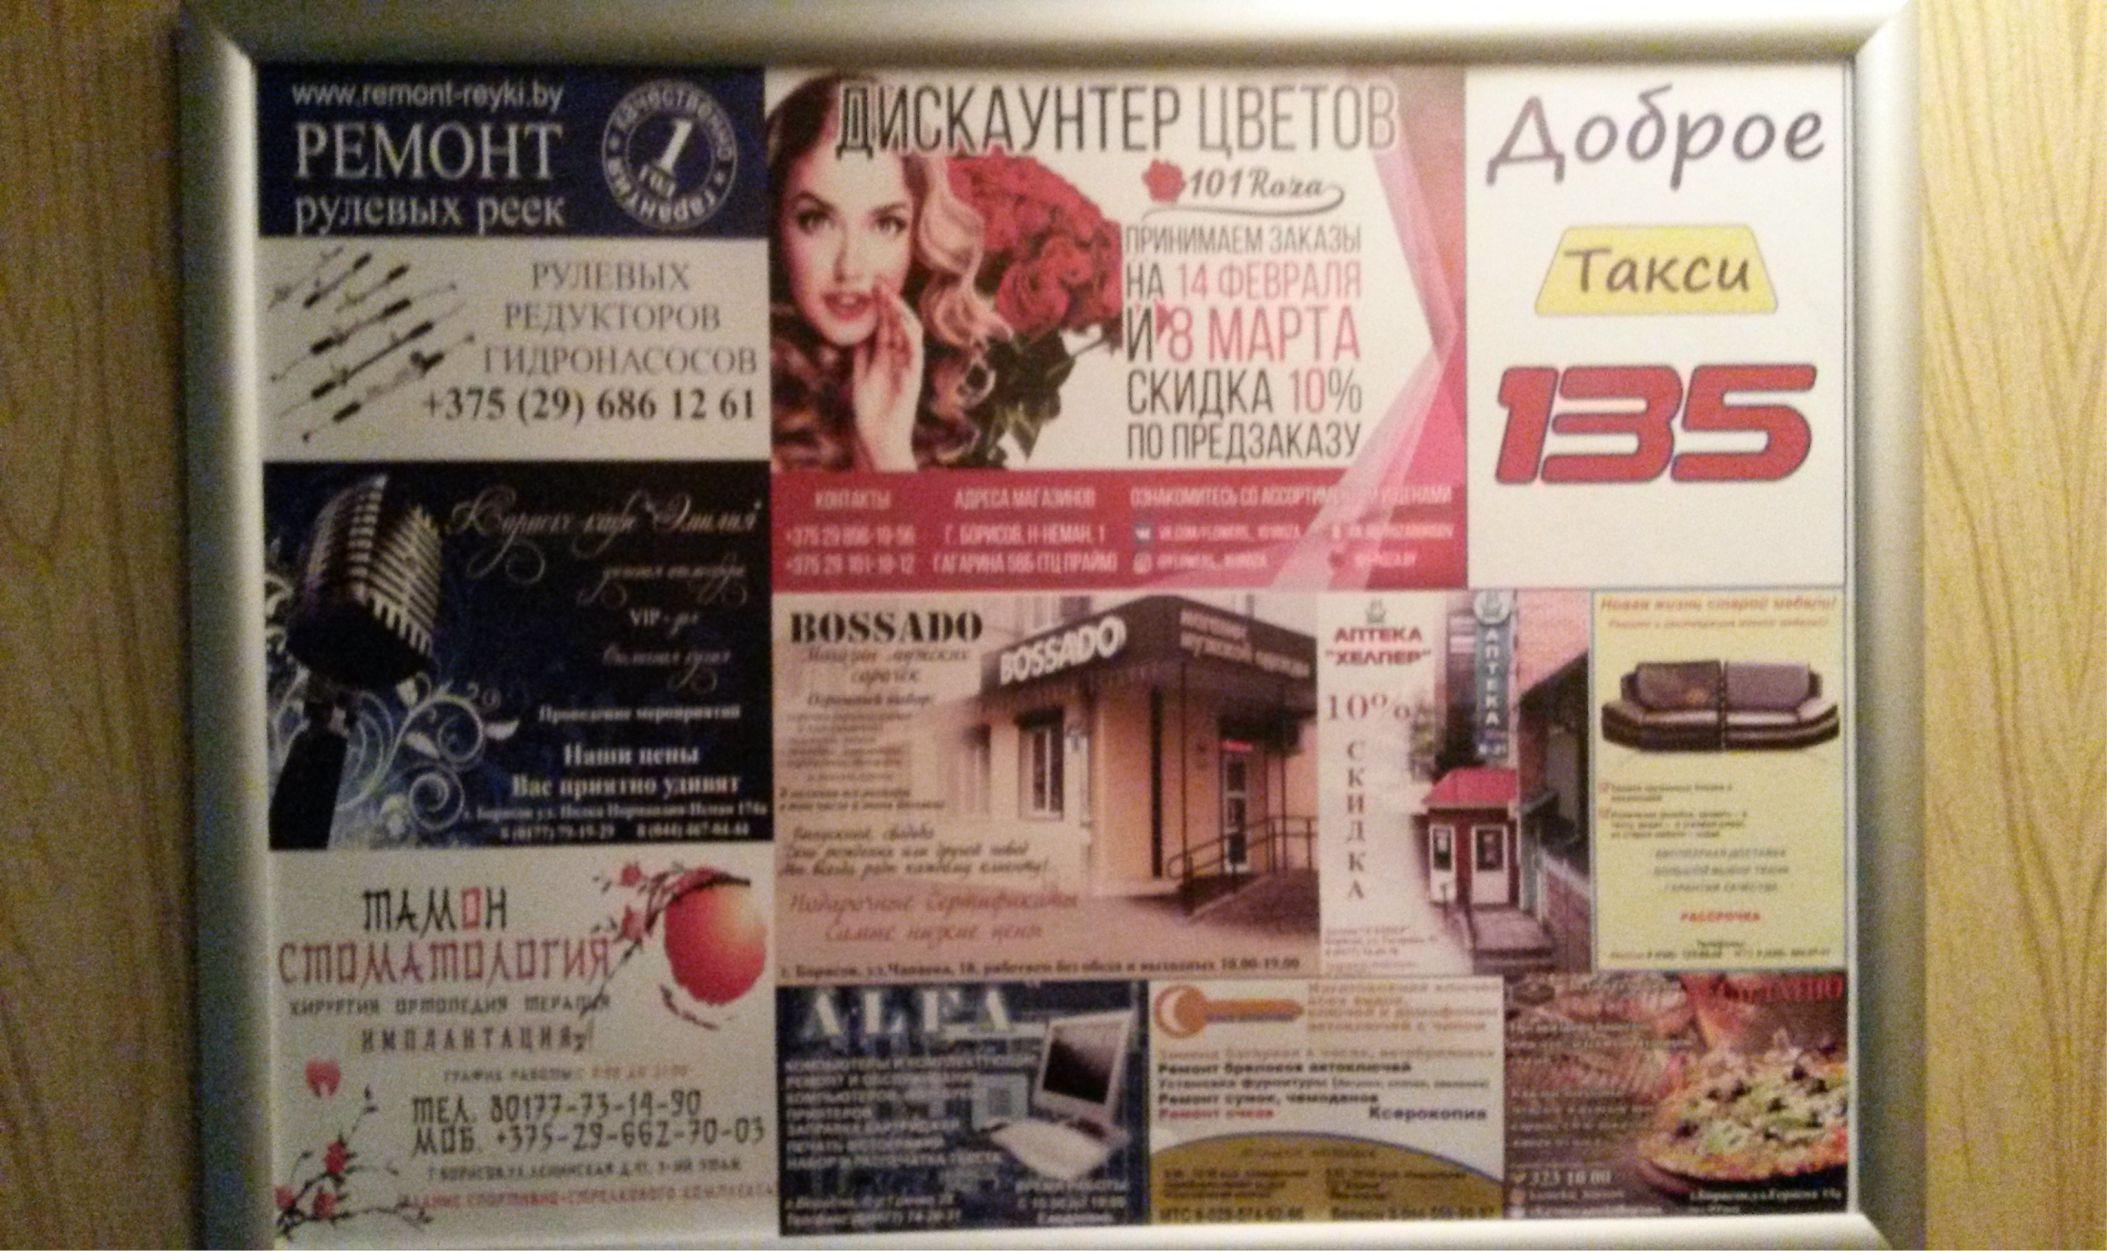 Пример фотоотчета размещения рекламы в лифтах г. Борисова reklama-on.by